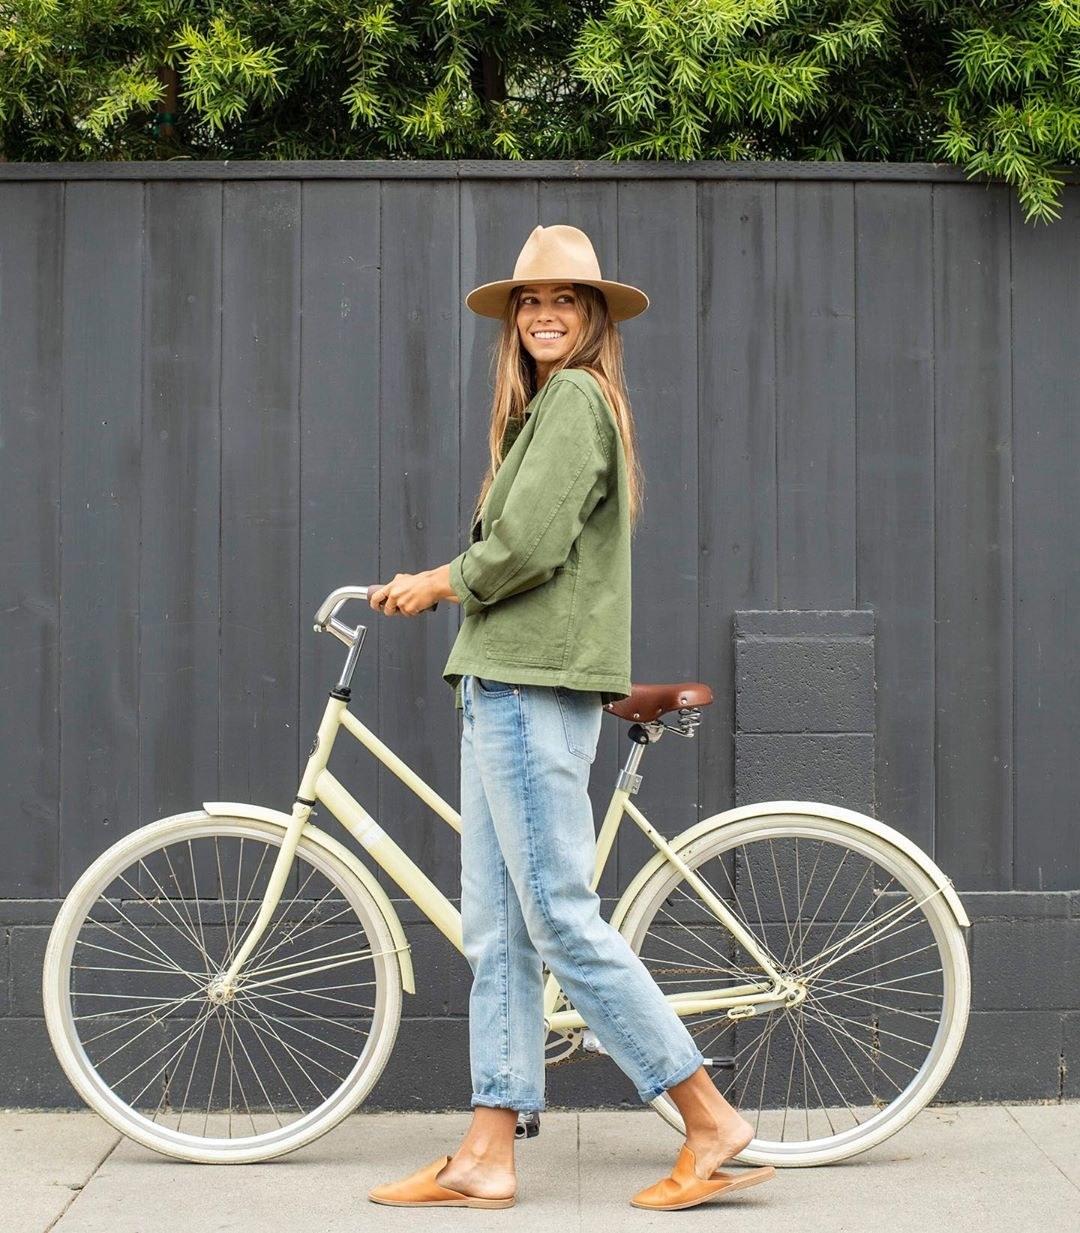 A model wears a green cotton denim jacket with jeans, as she walks her bike on the sidewalk